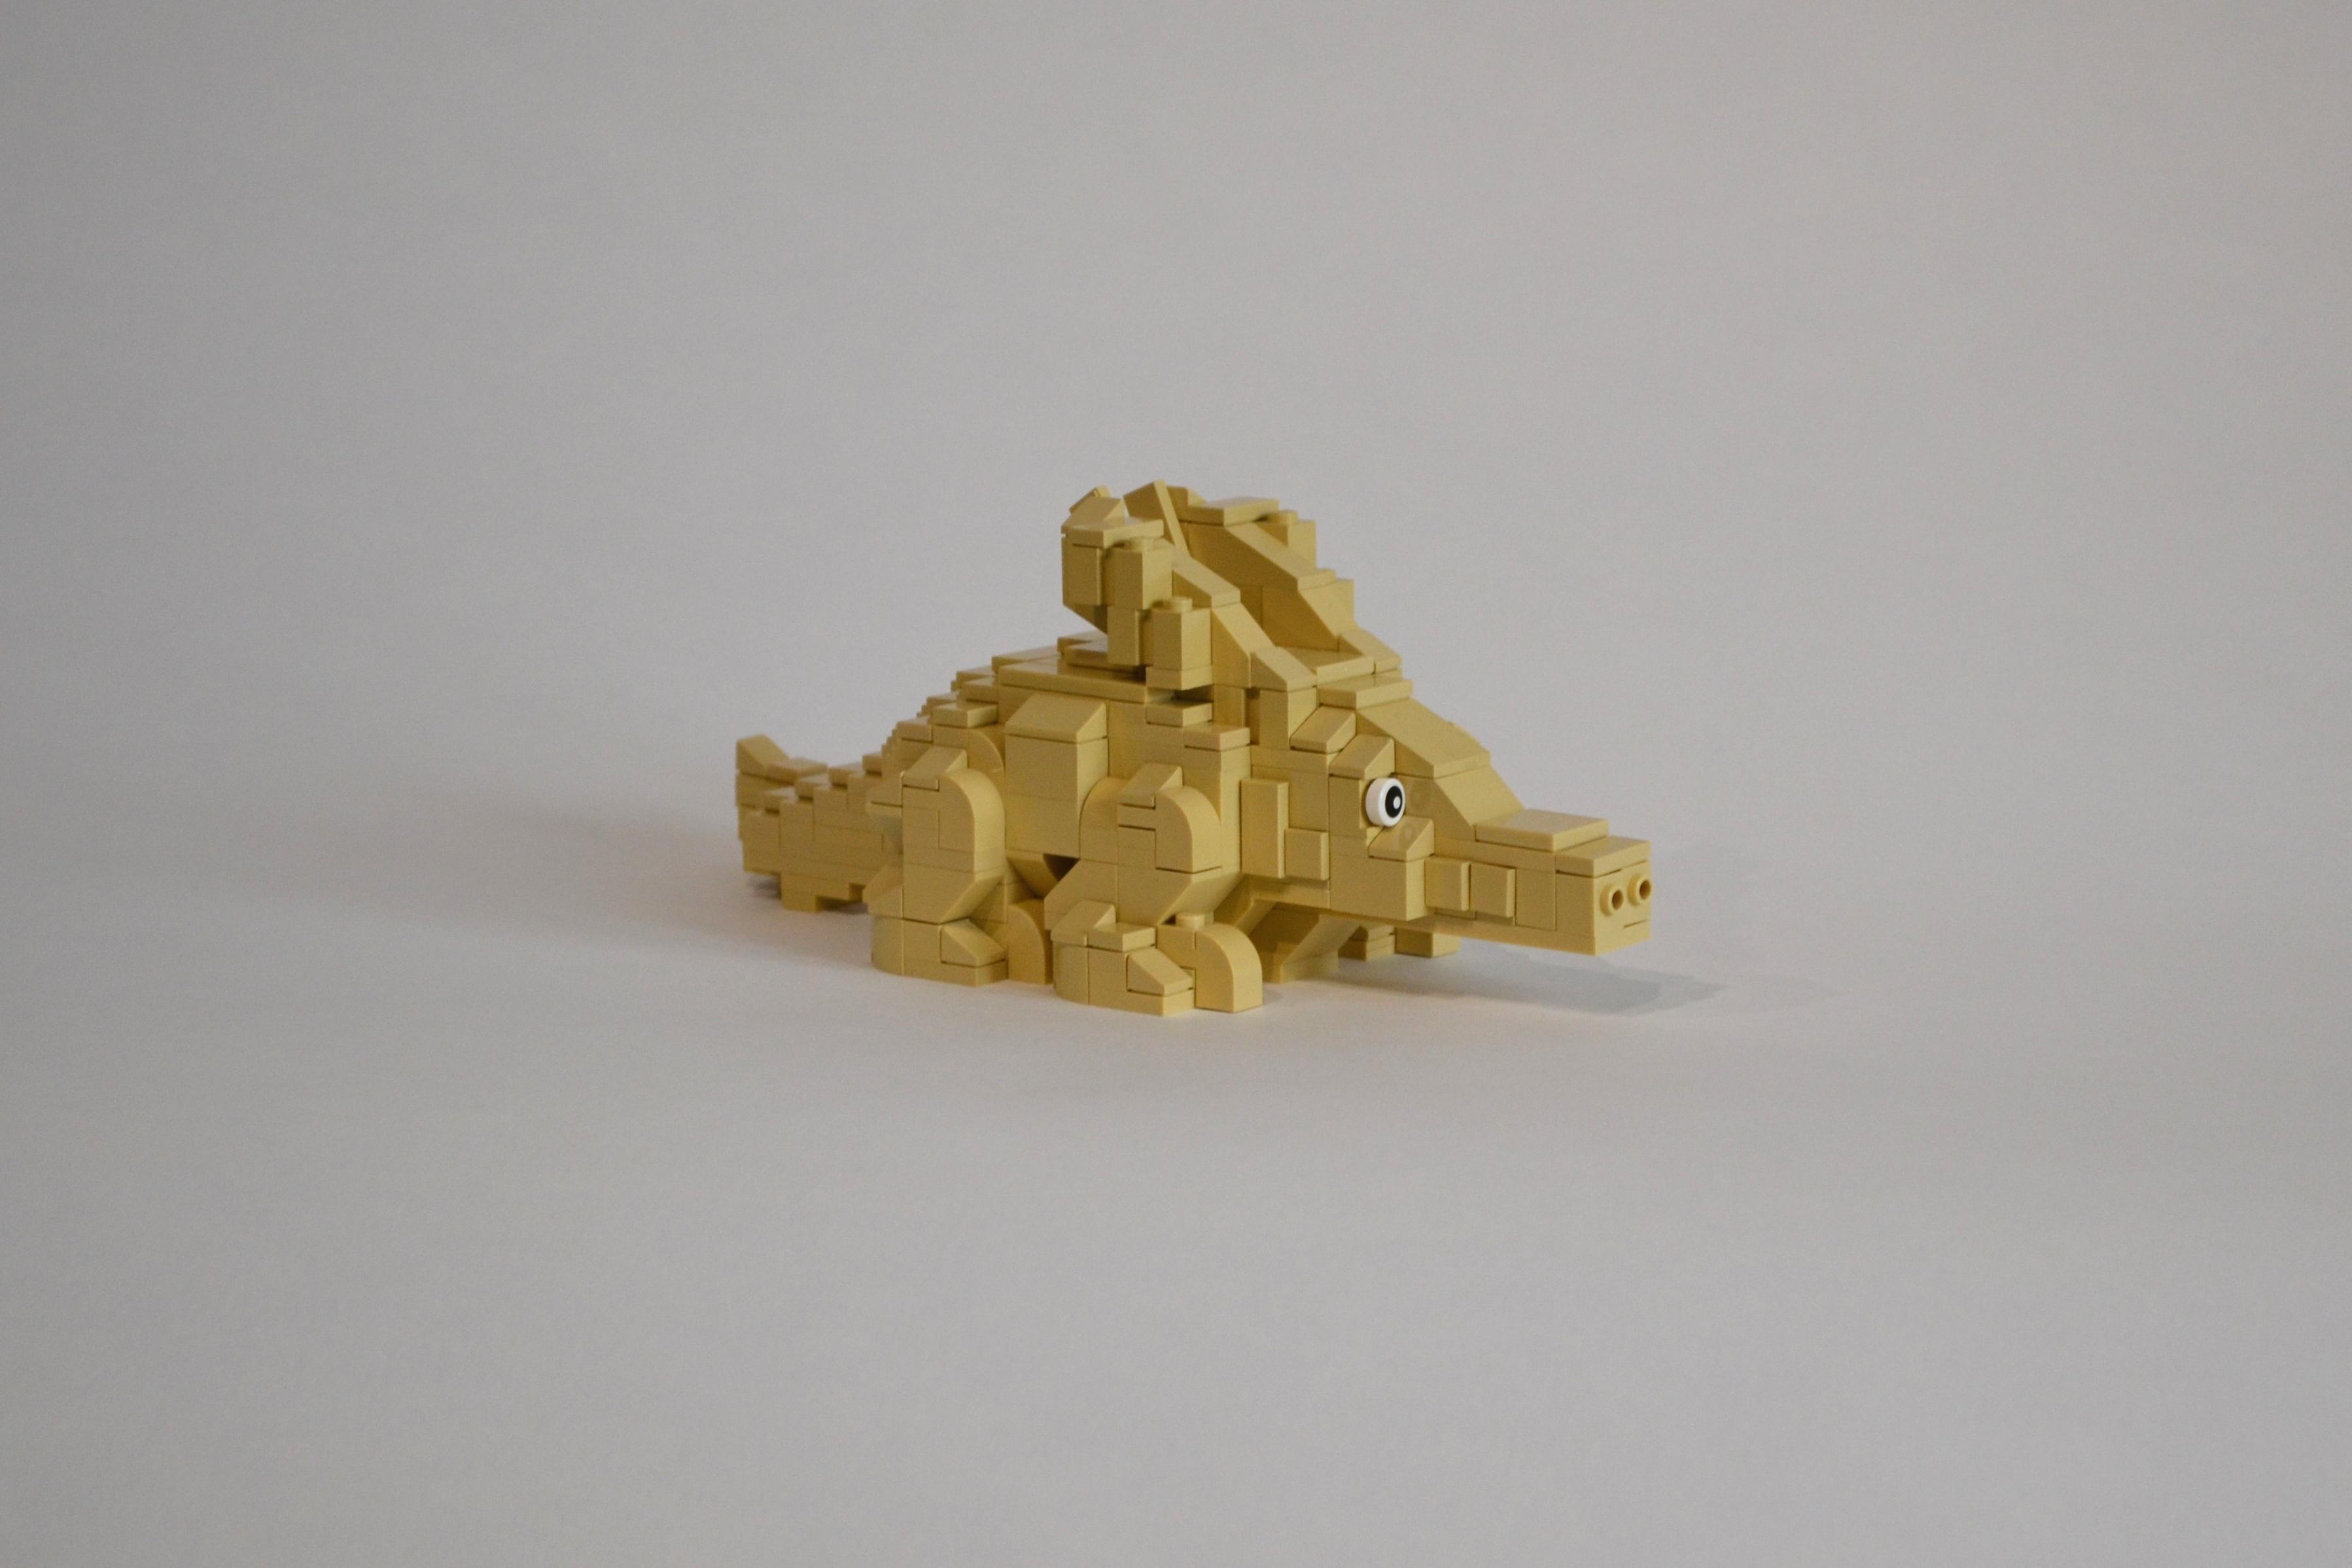 AmazingsLEGOaardvark